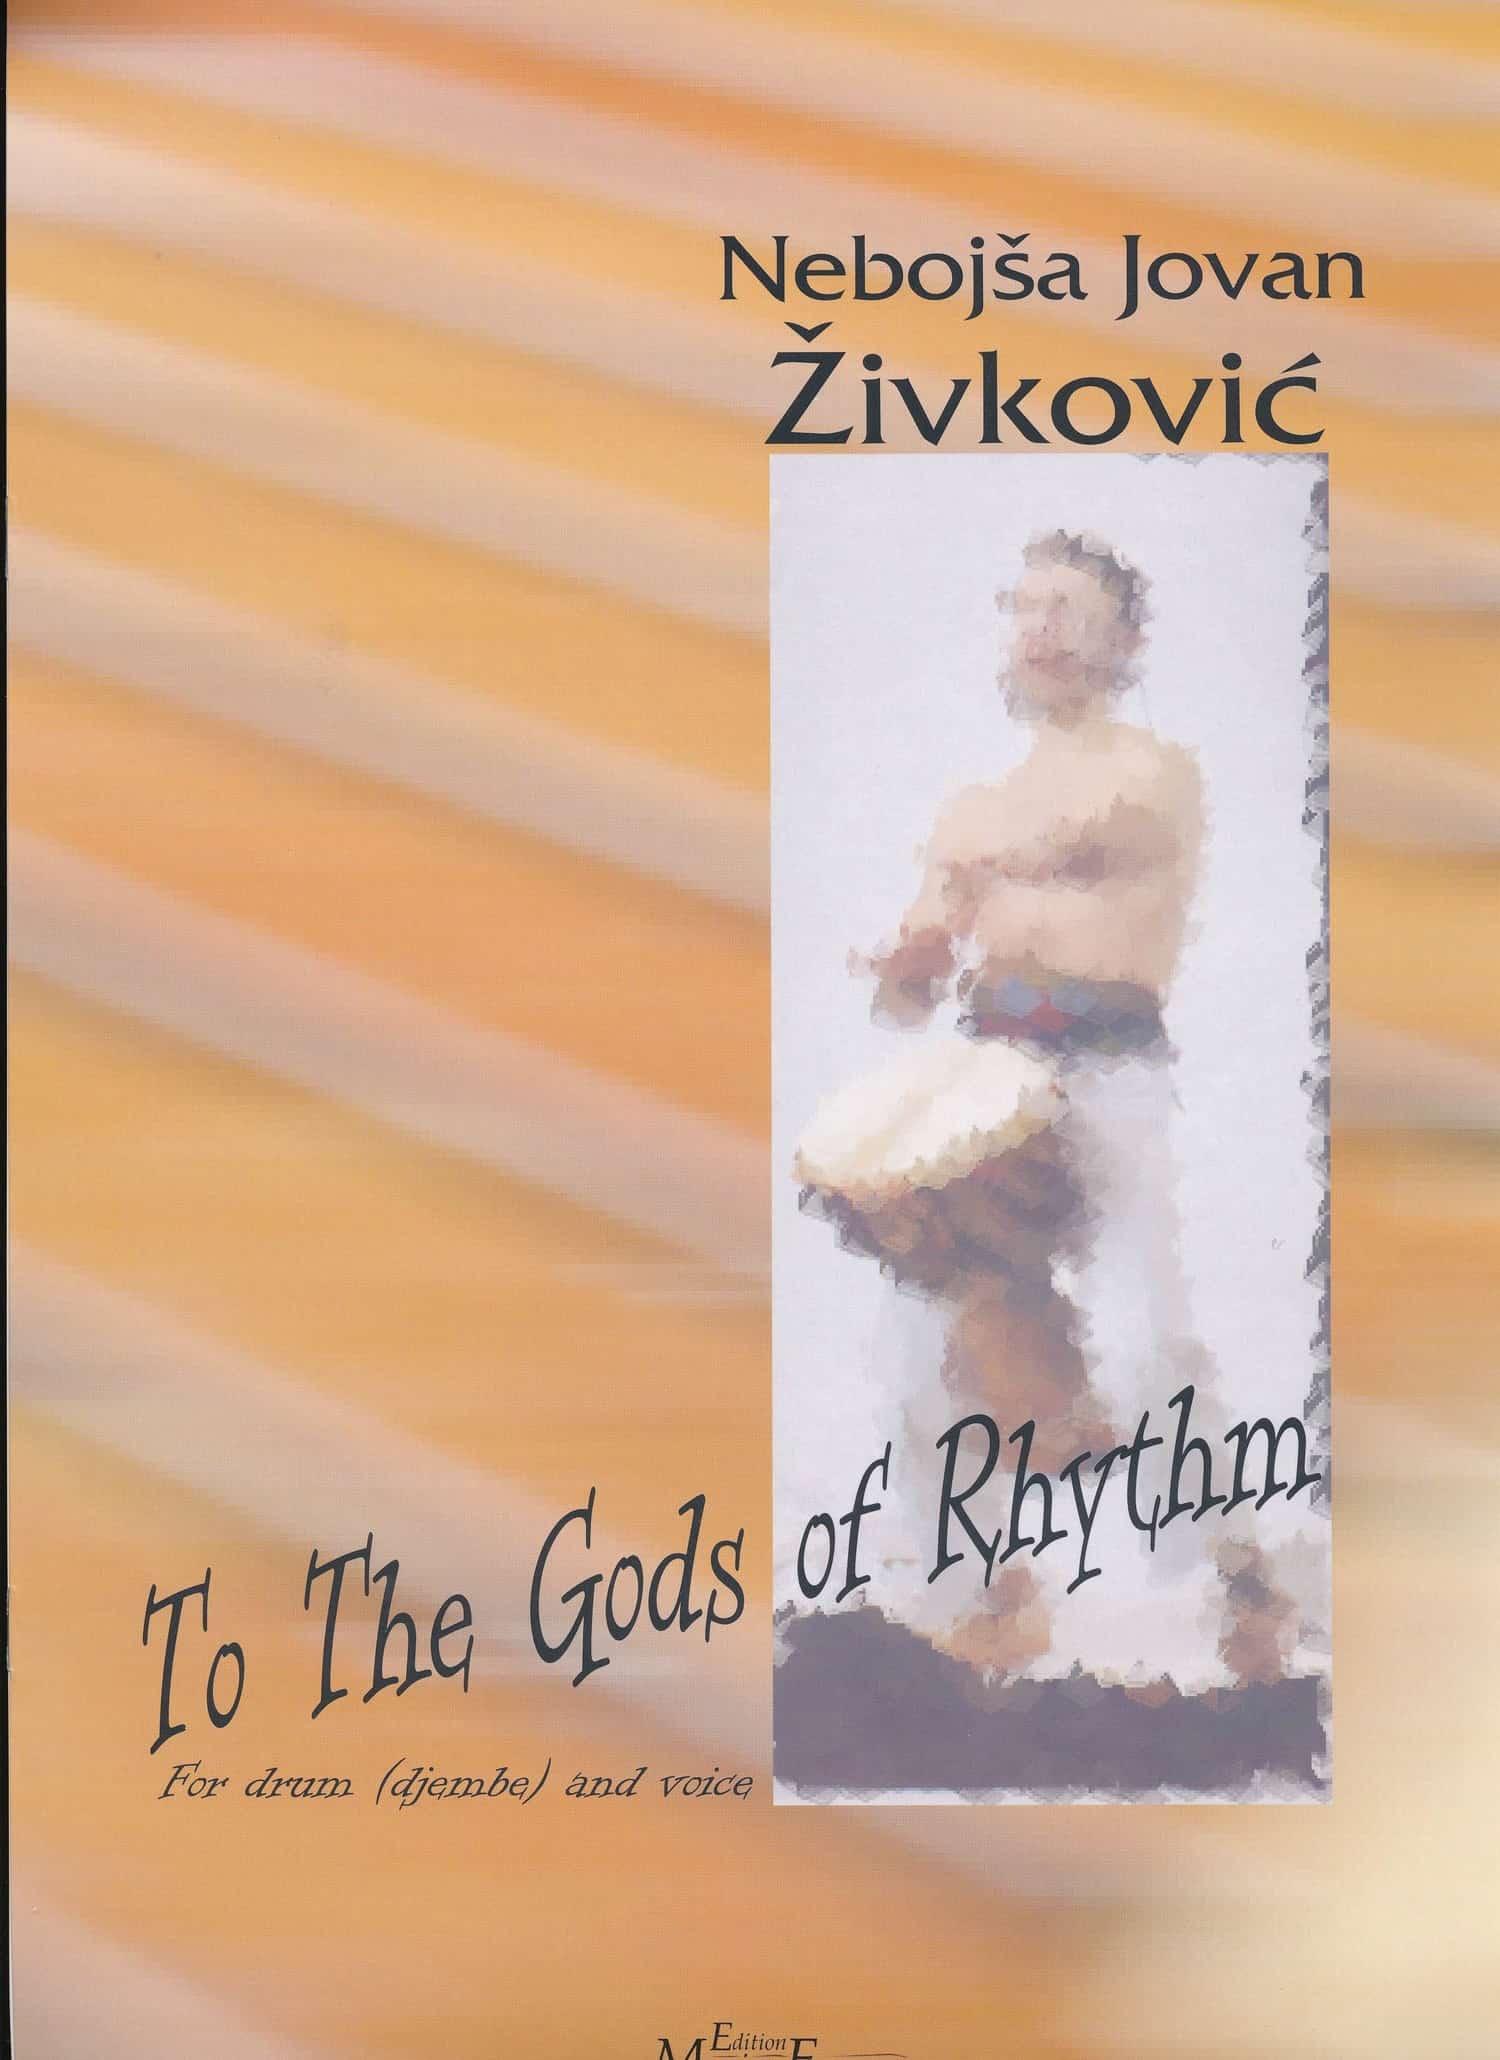 To The Gods Of Rhythm by Nebojsa Zivkovic